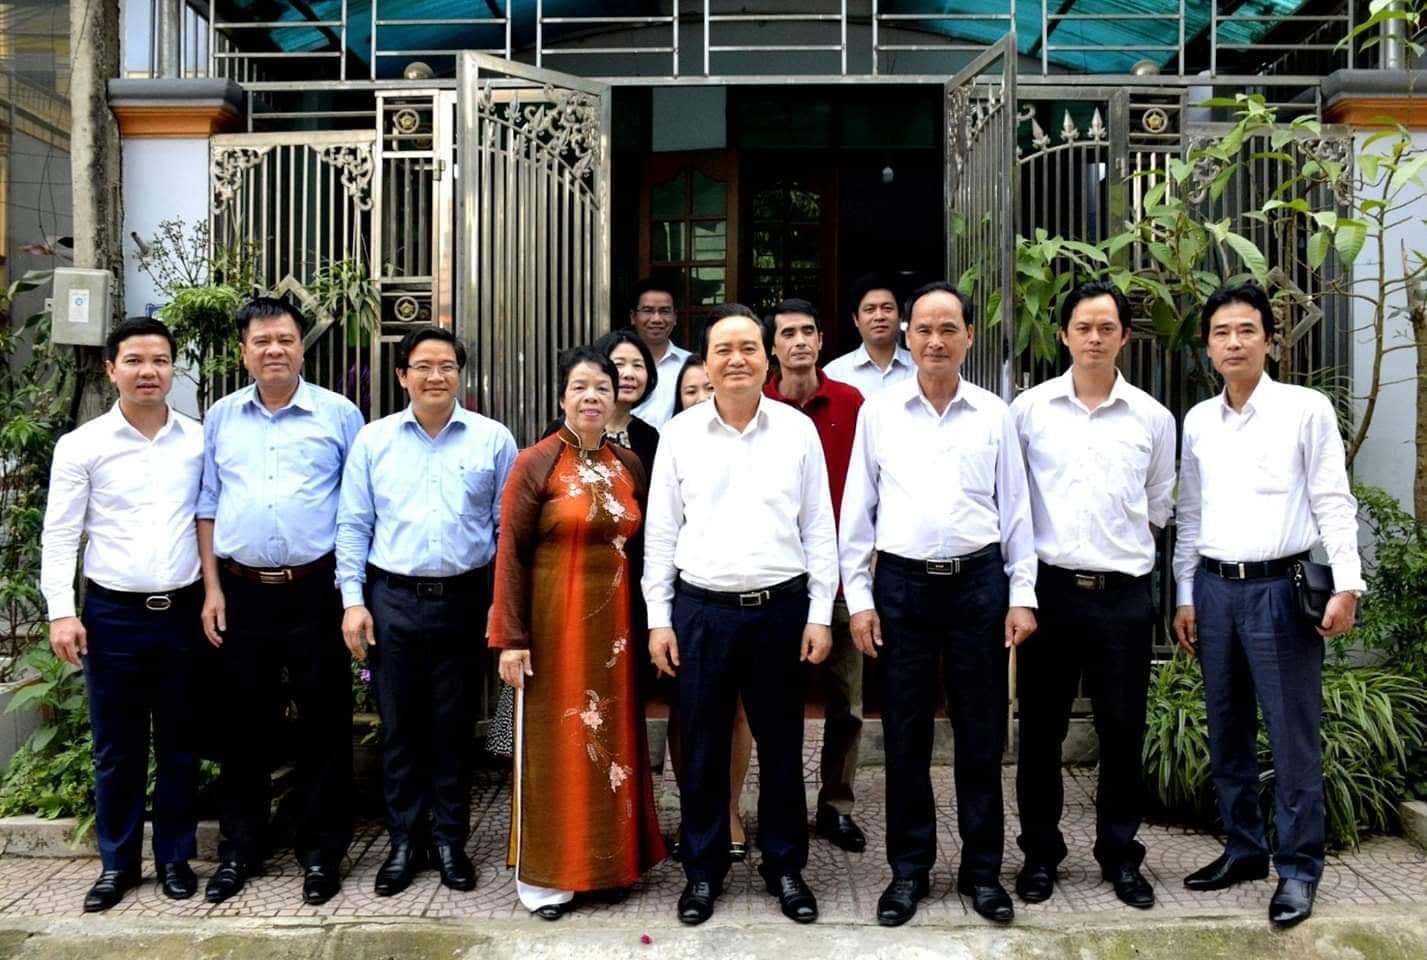 Đảng viên Nguyễn Quý Lạc tâm huyết với công tác Hội